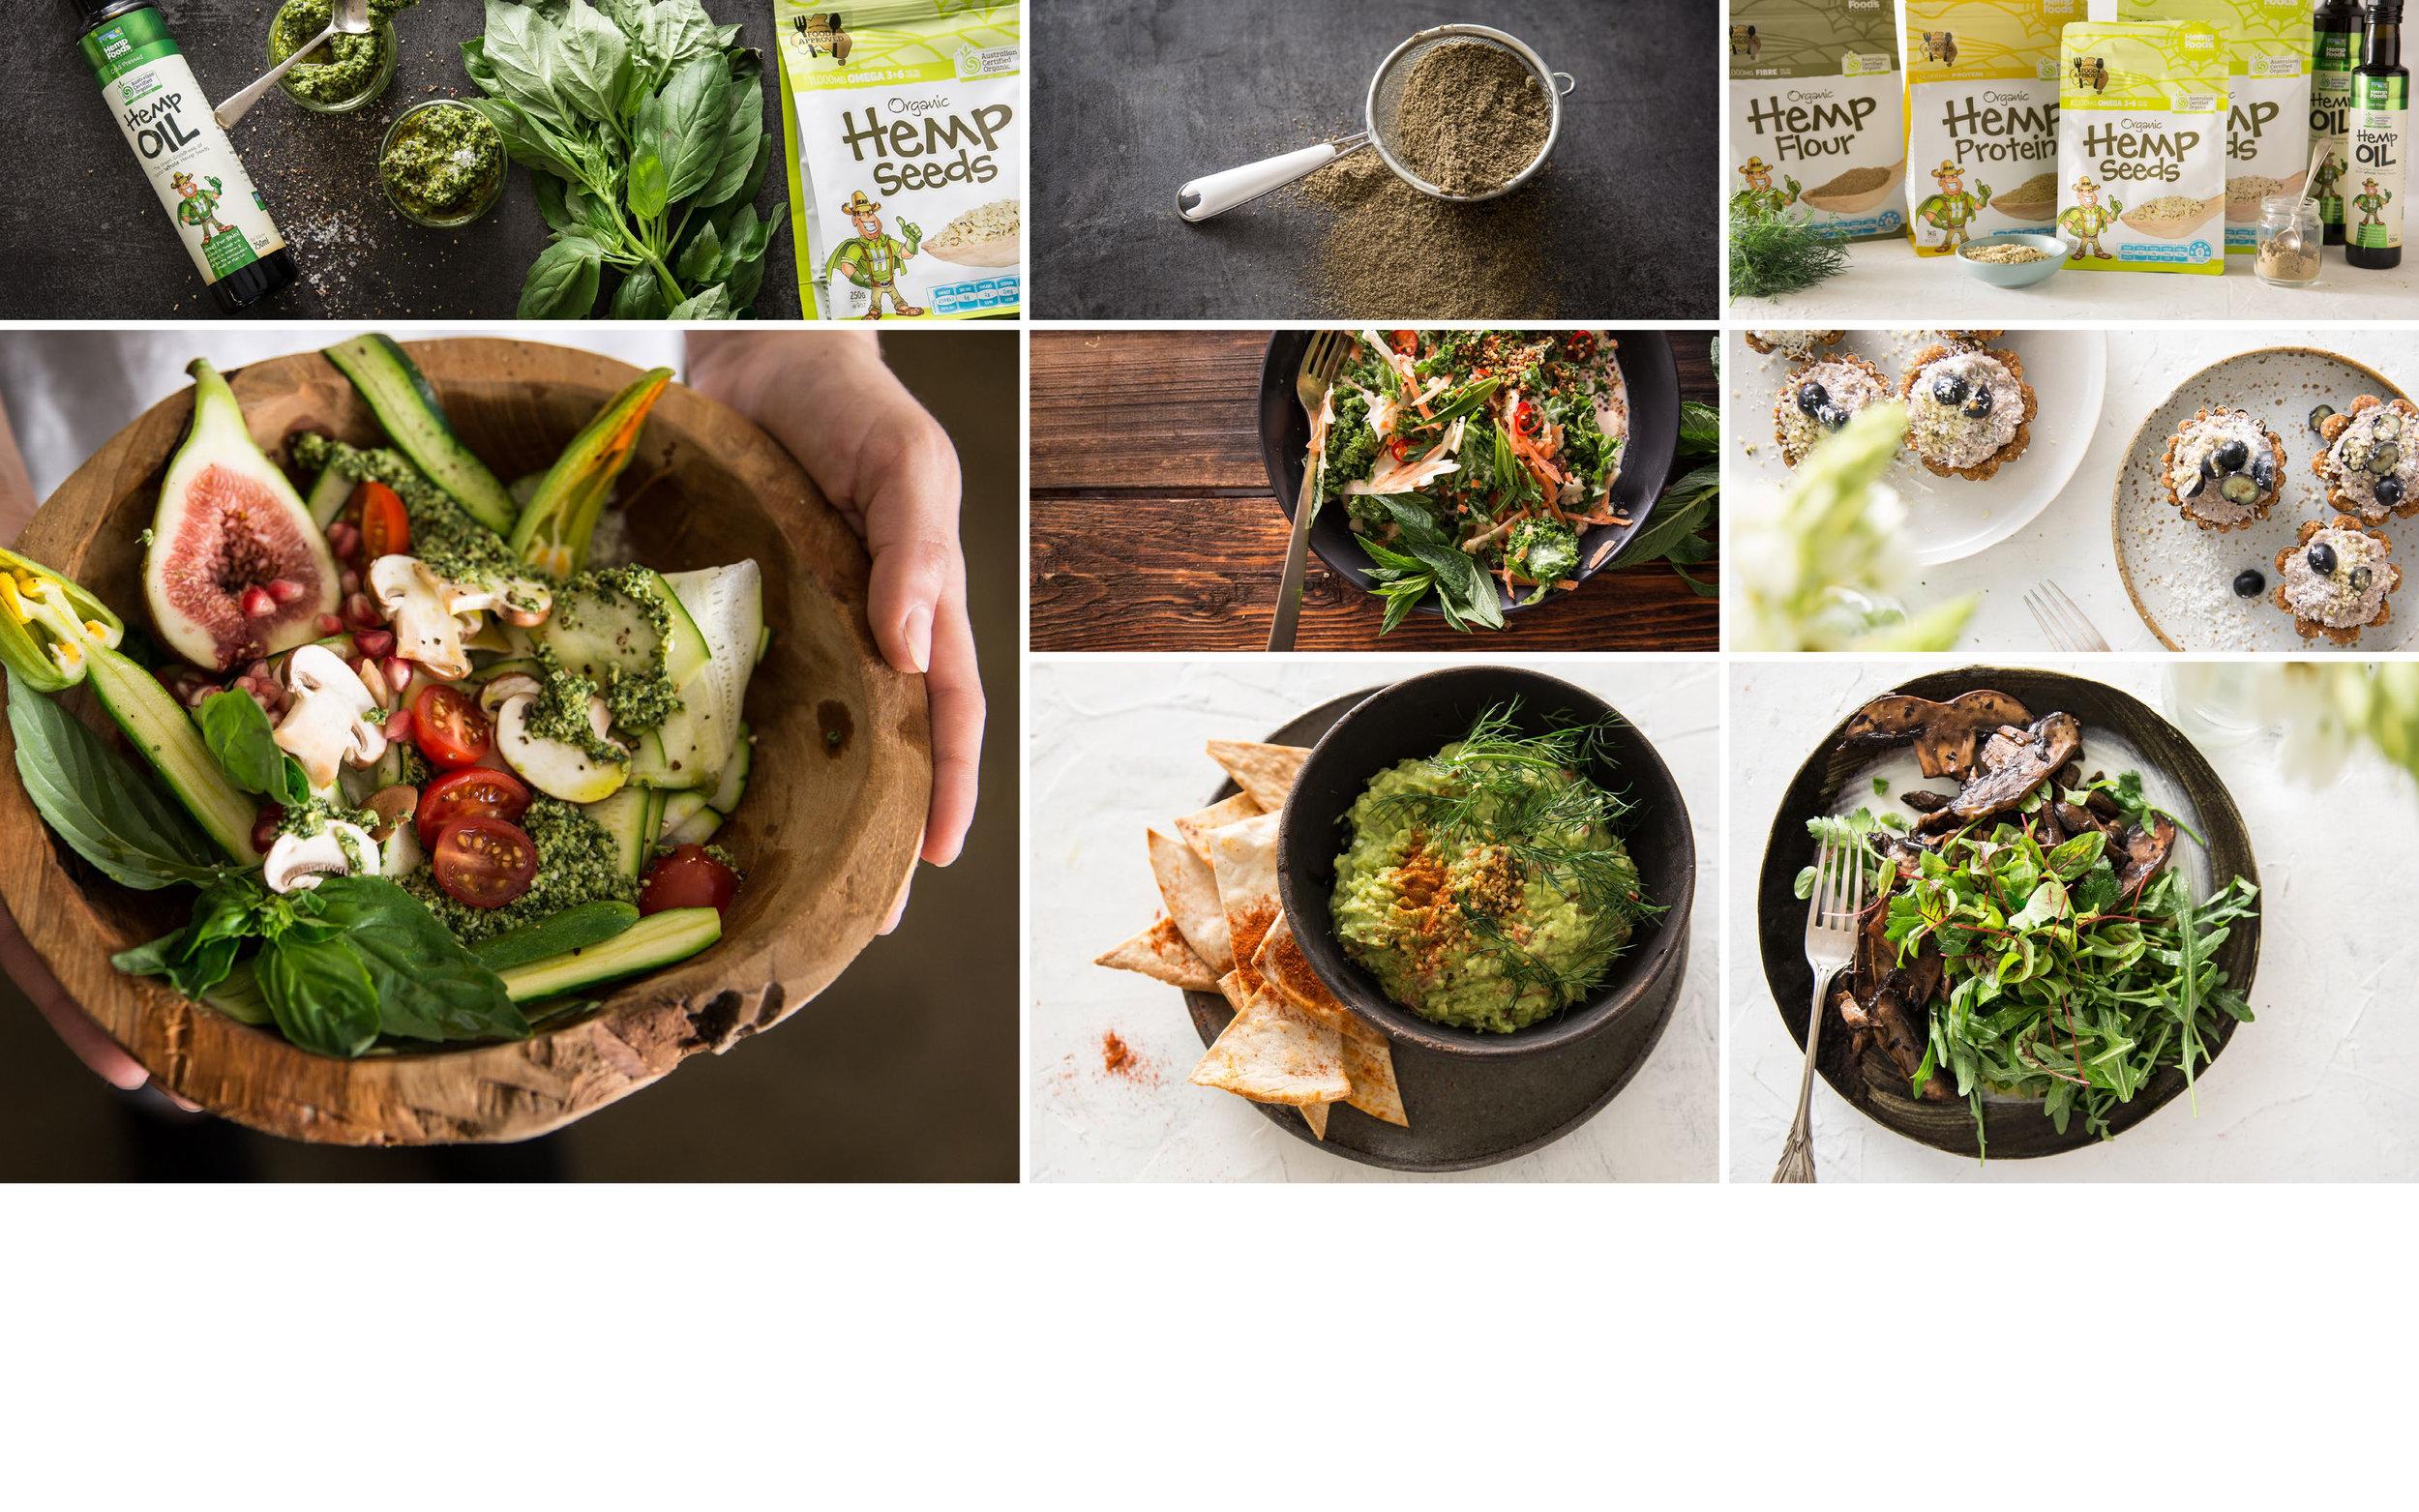 HEMP FOOD AUSTRALIA SOCIAL MEDIA    48 recipes prepared and shot in a single day    Brett Elliott: Producer, Art director